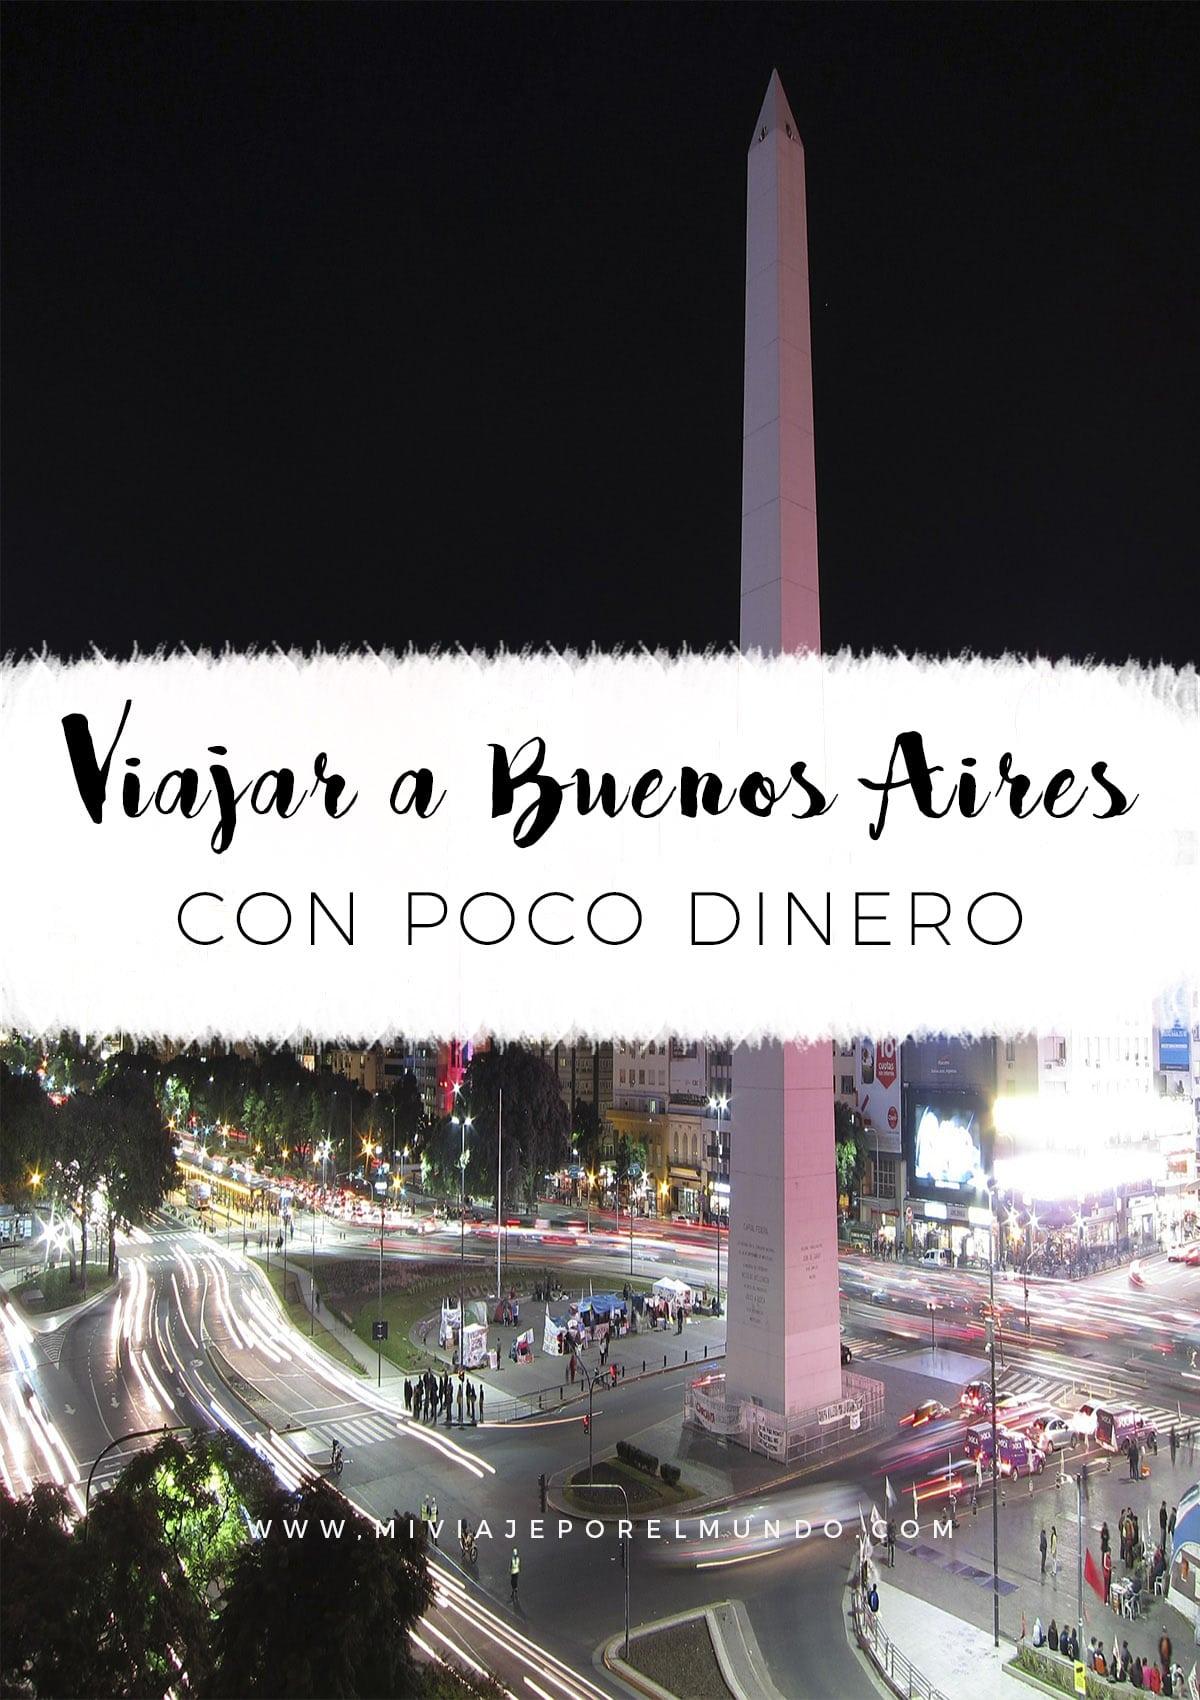 Viajar a Buenos Aires con poco dinero